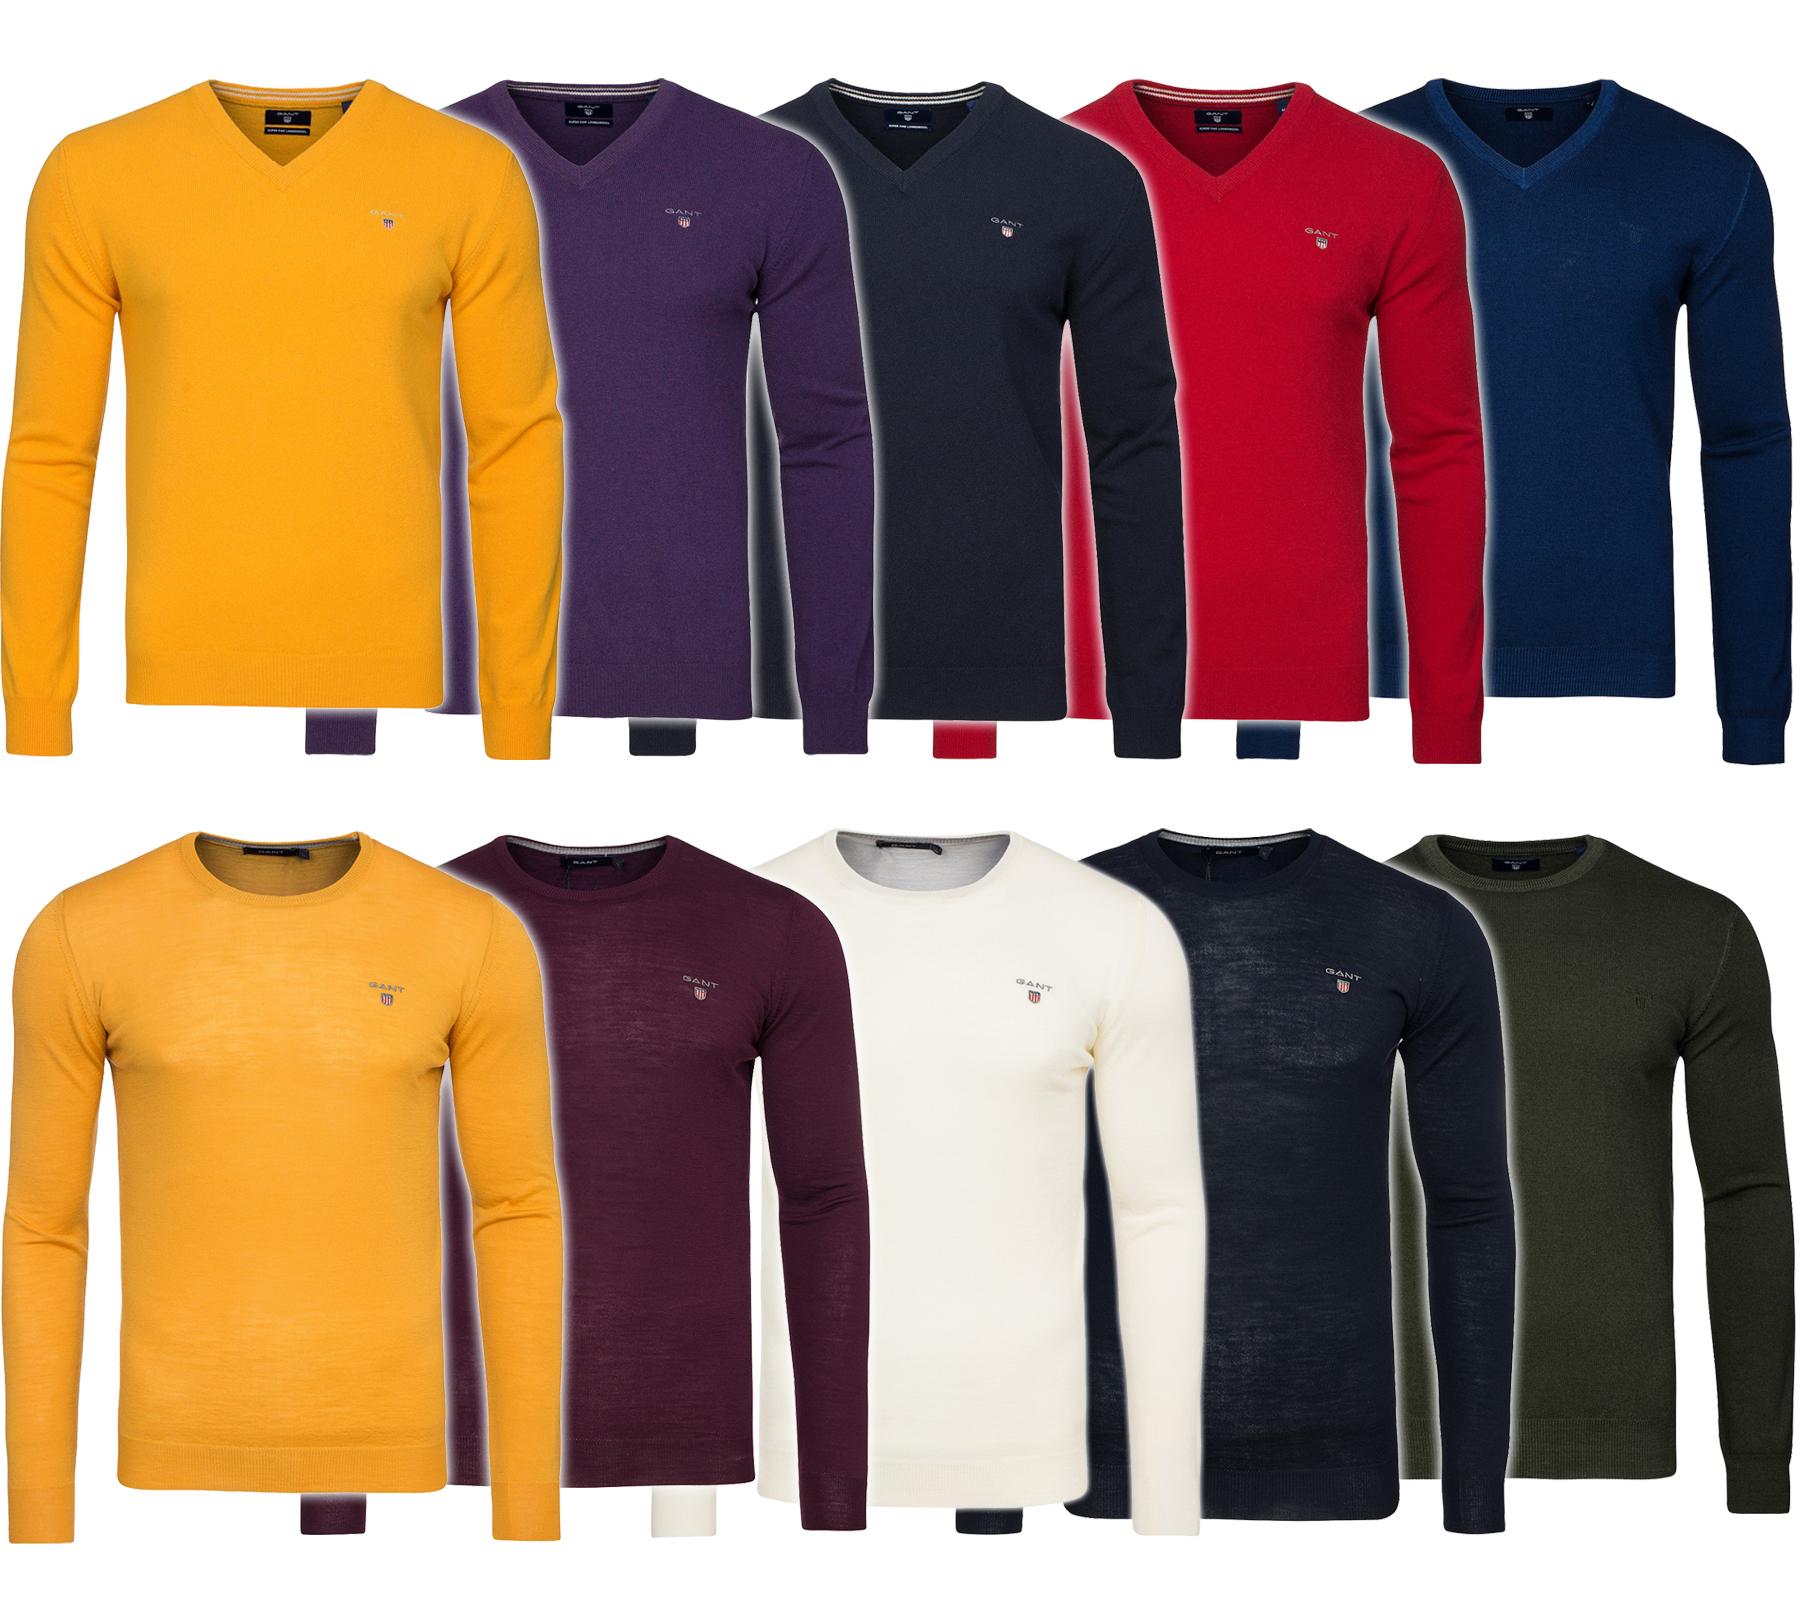 GANT Merino Lambswool Sweater Herren Damen Pullover Sweat bei Outlet46